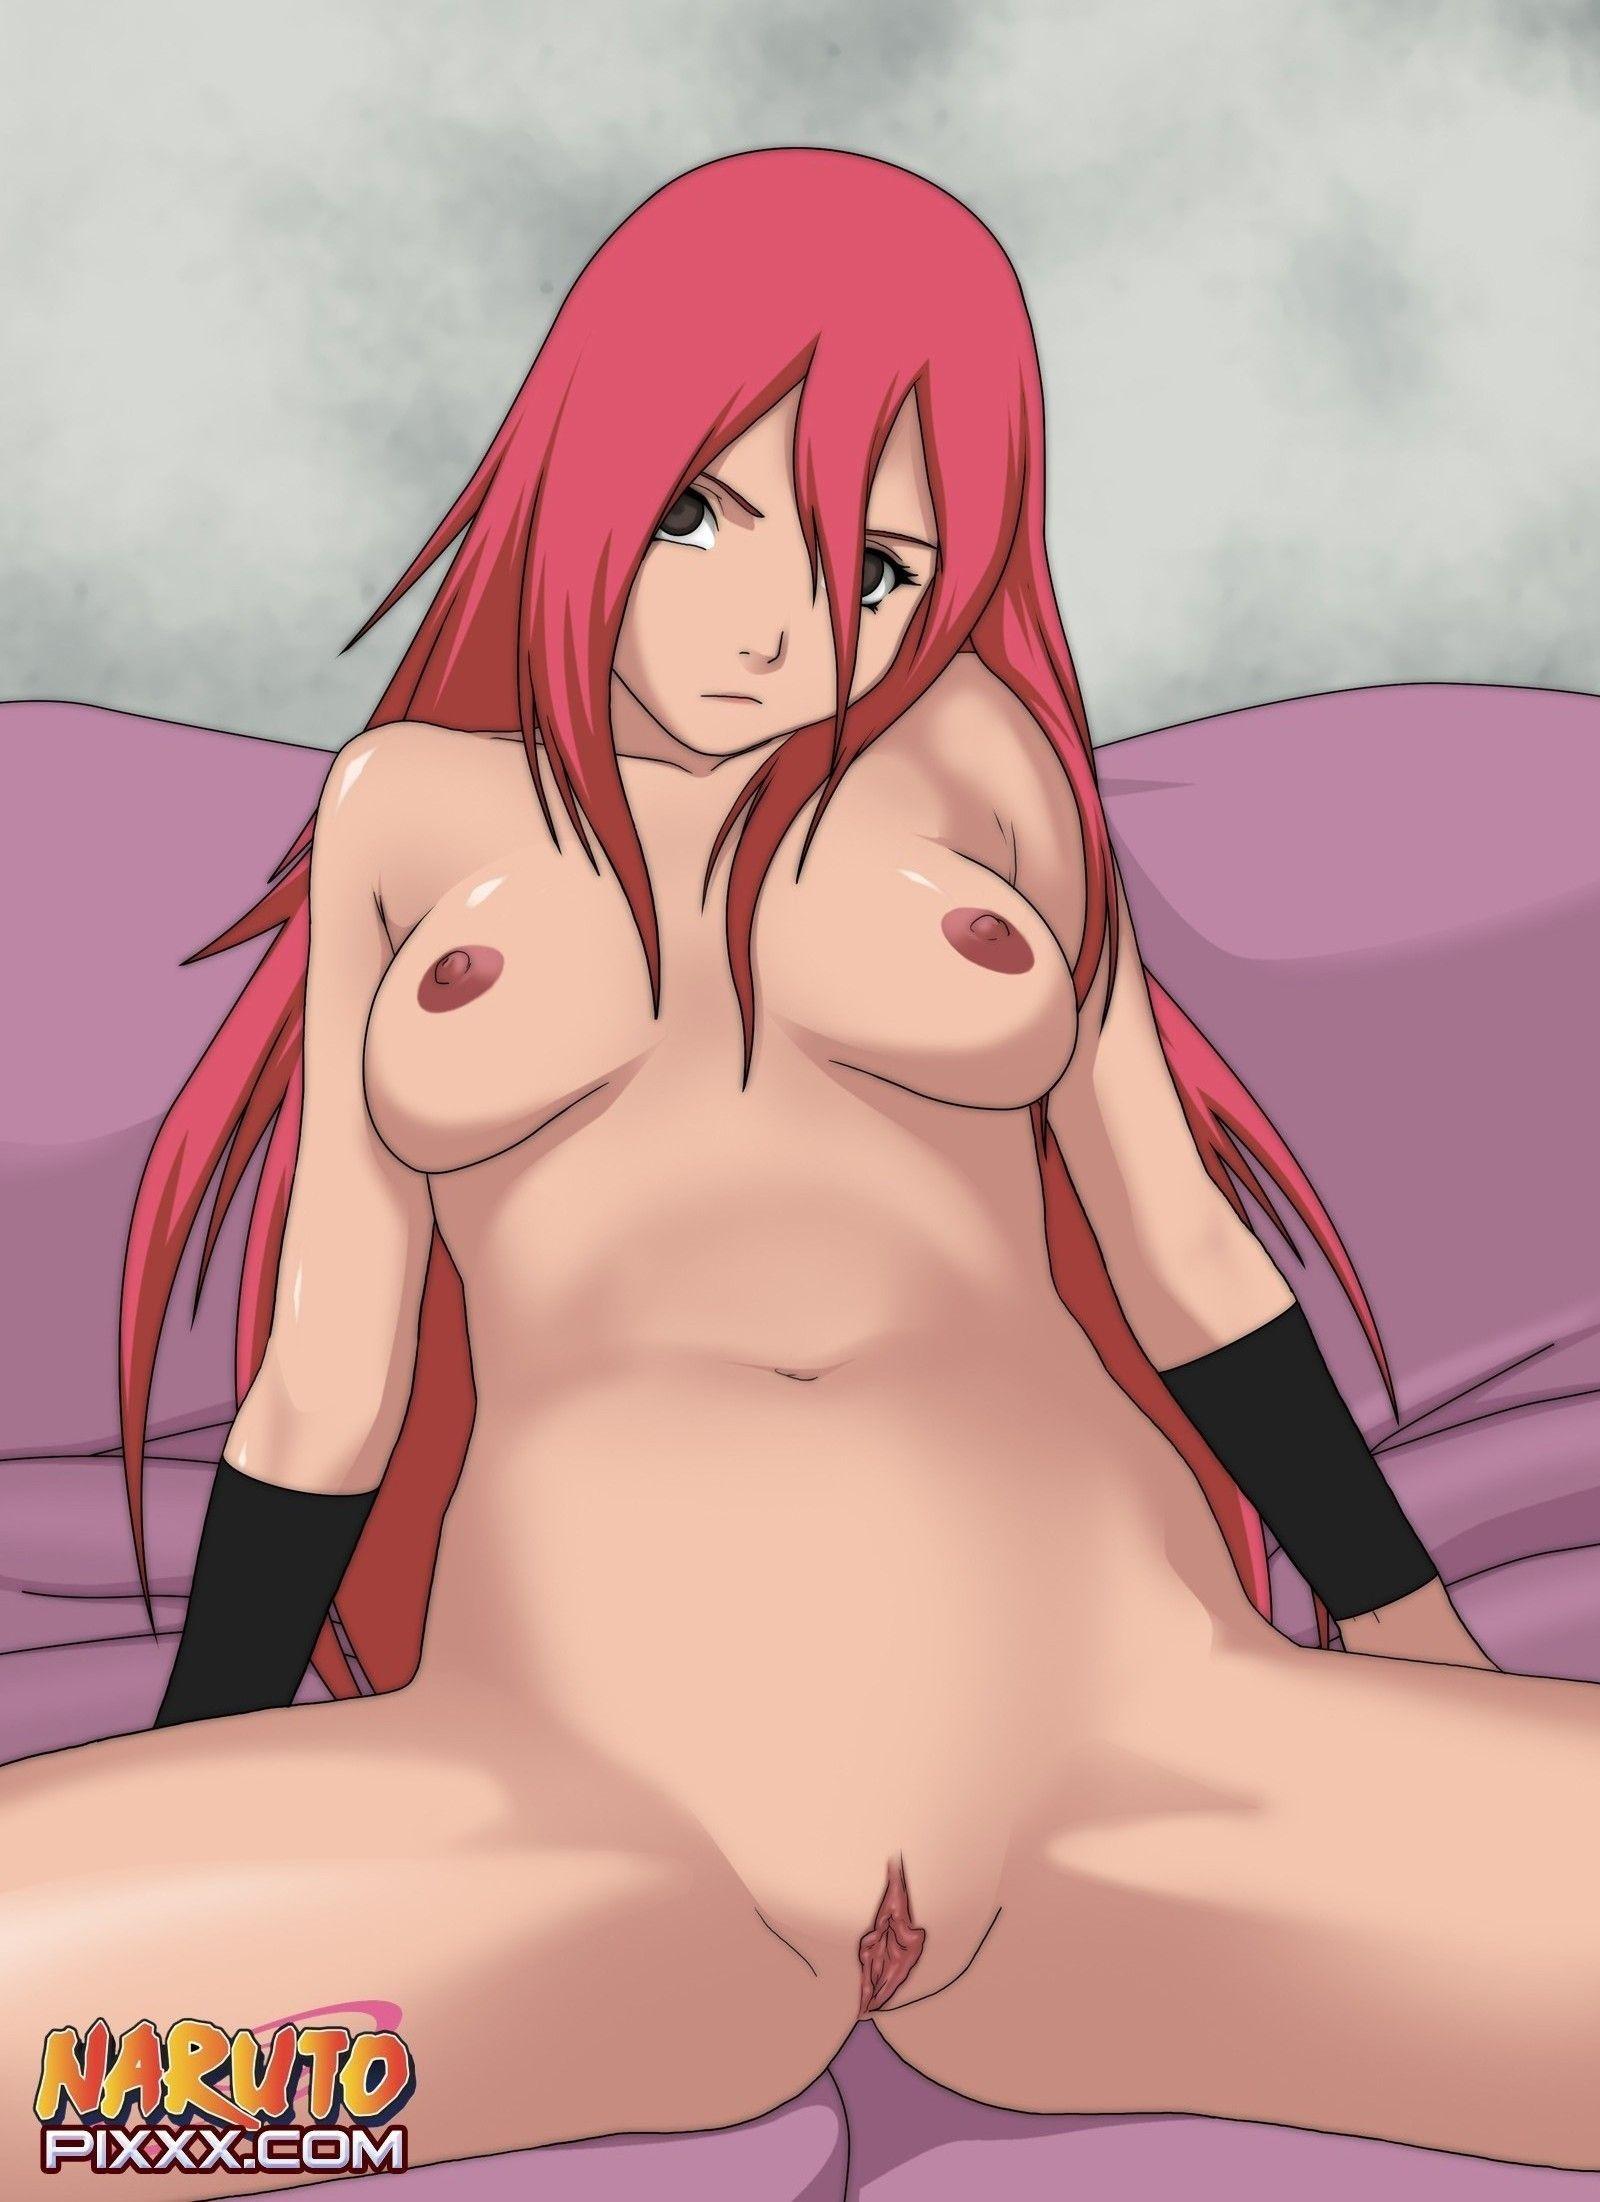 Nude sexy naruto girl pics pornos girls